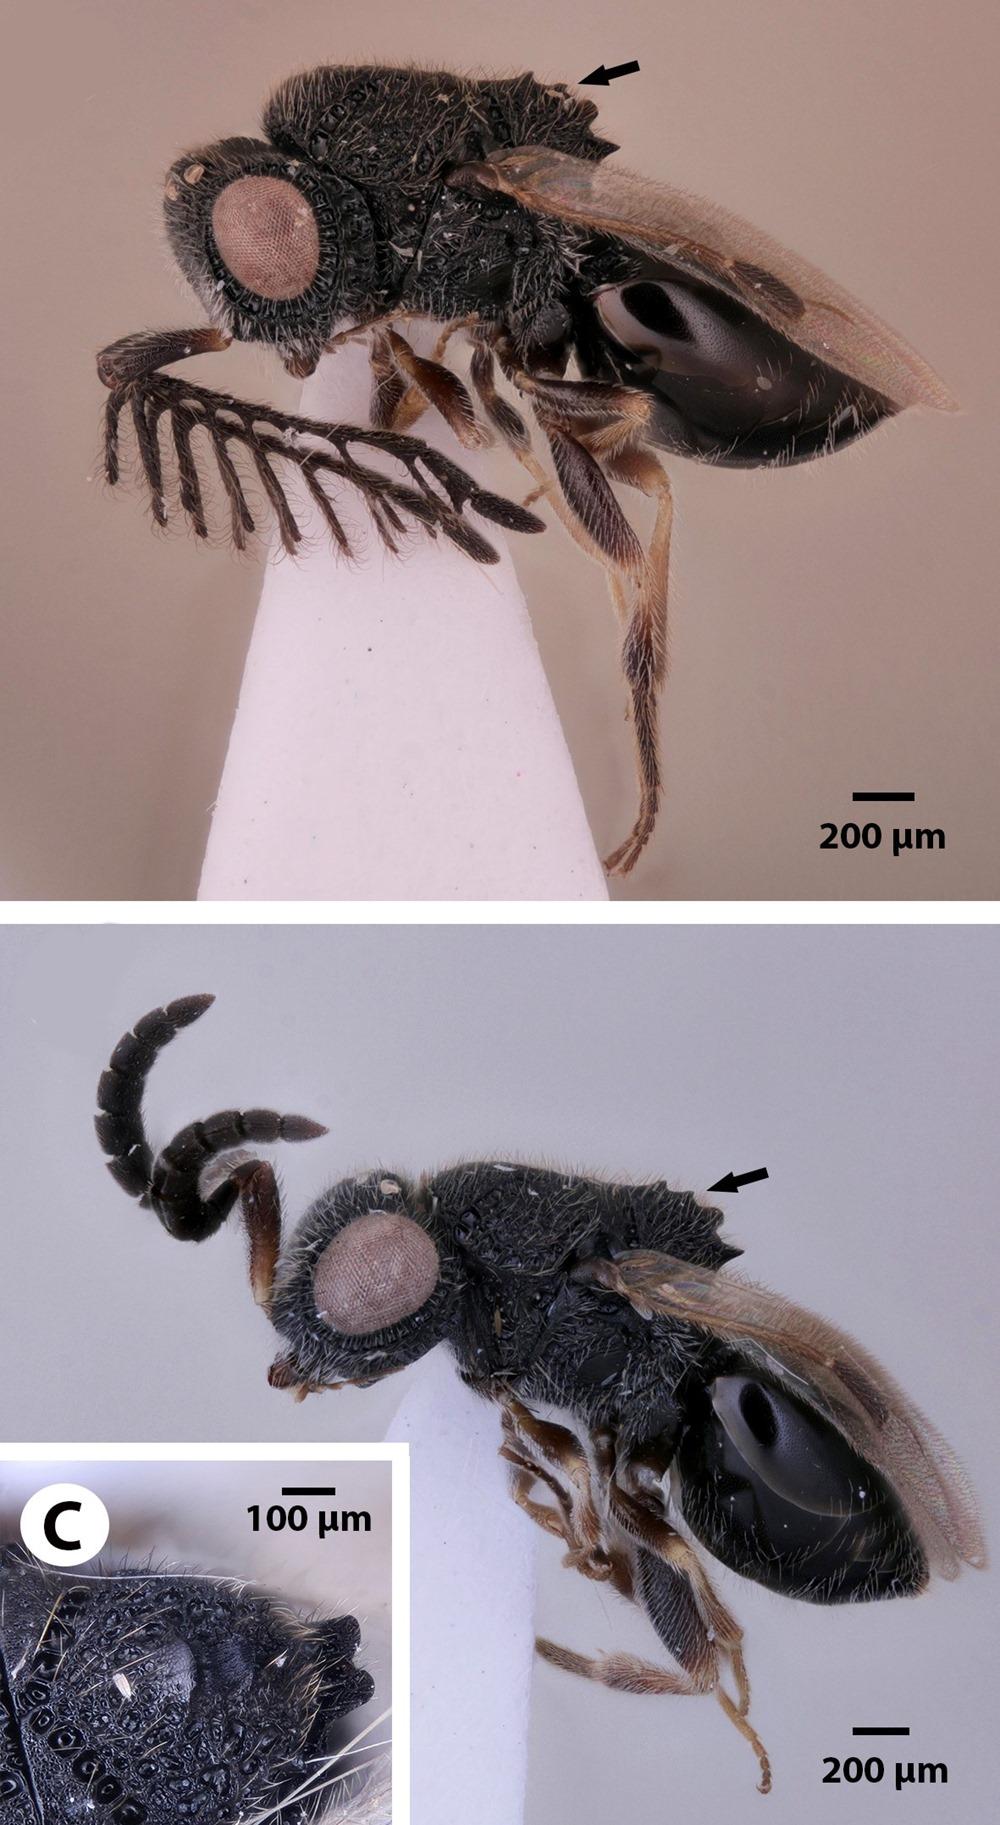 Dendrocerus scutellaris habitus